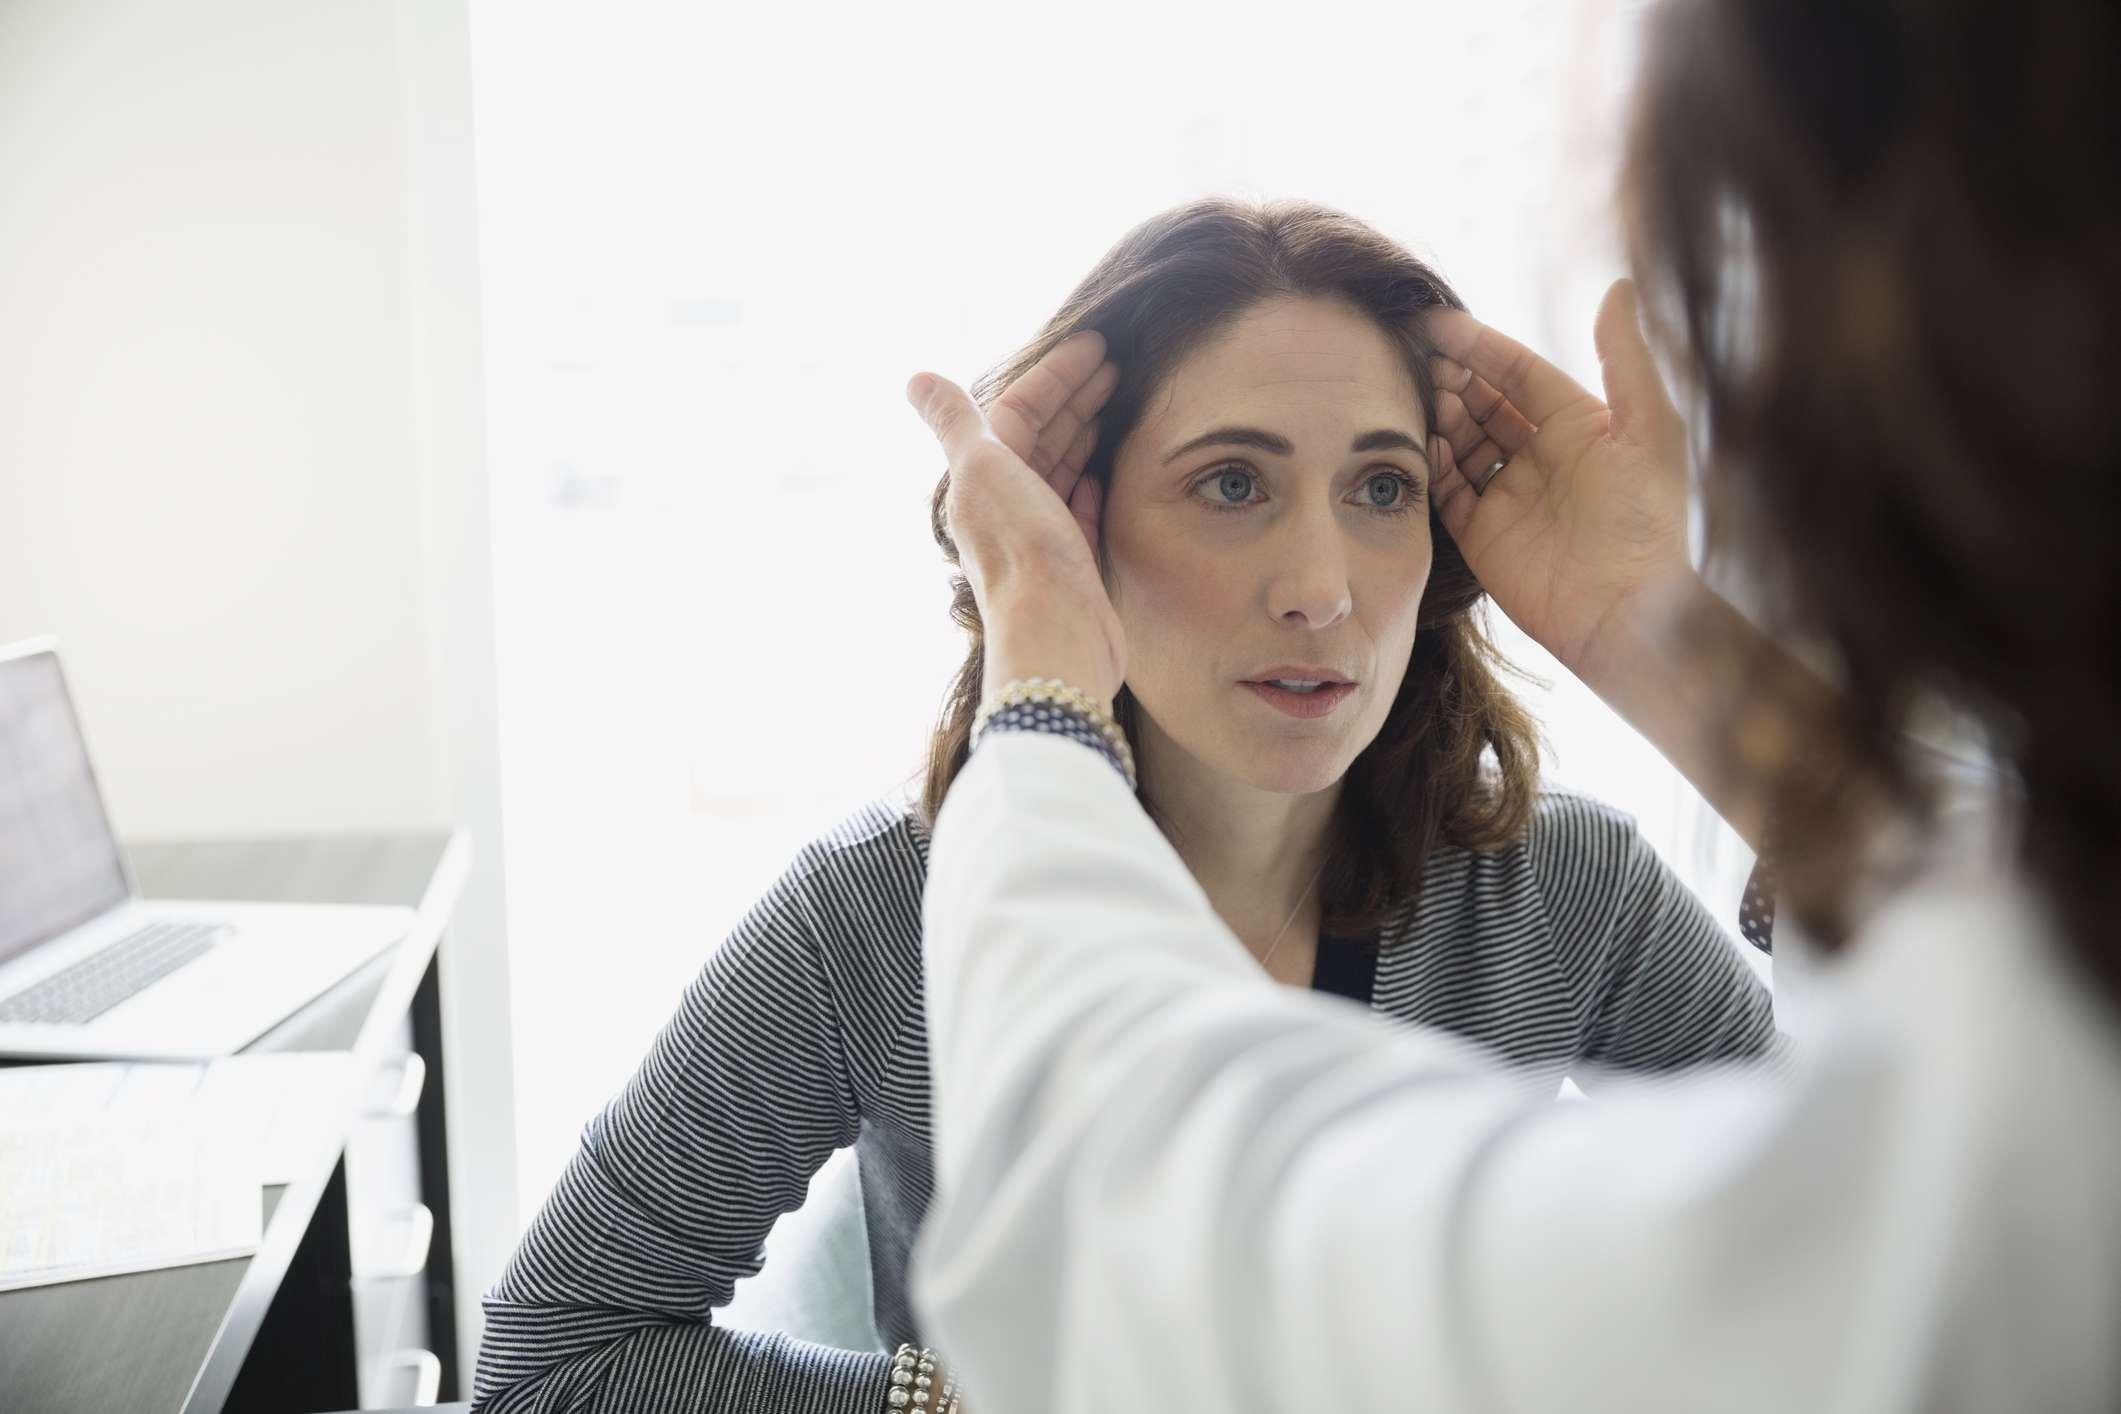 Plastic surgeon consulting female patient